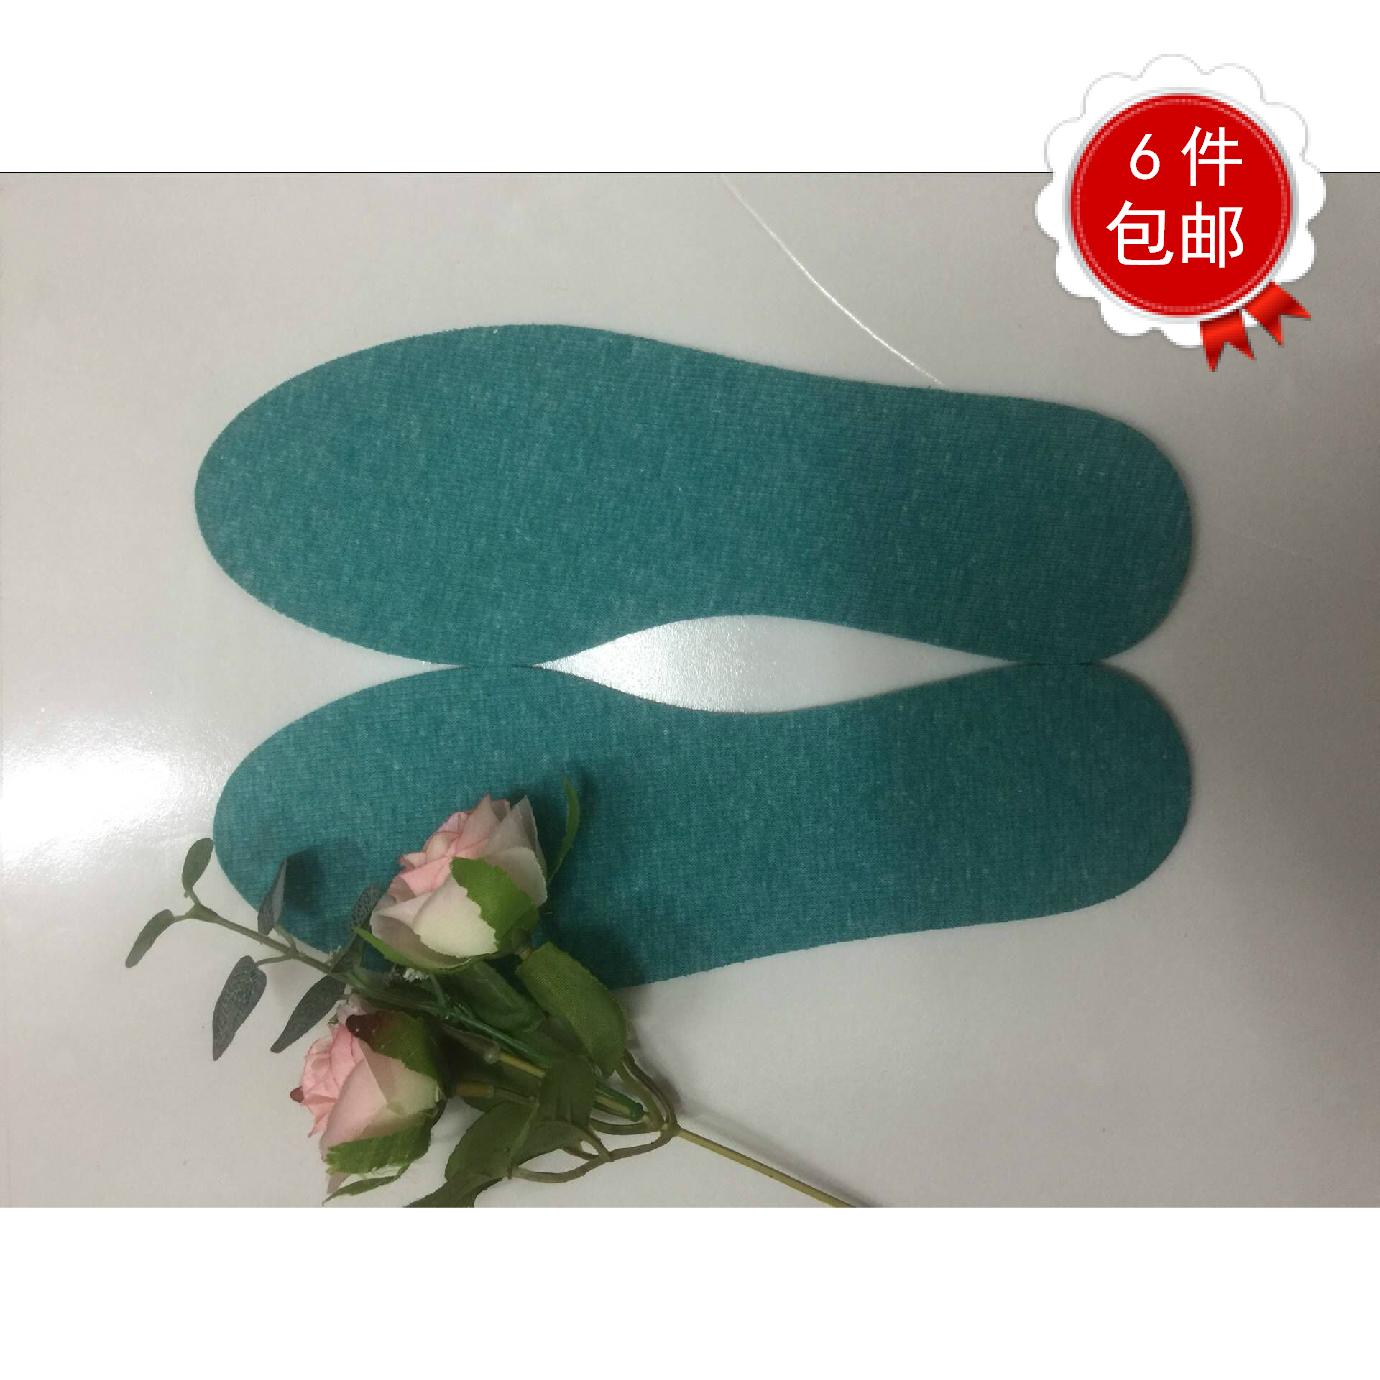 AB内衣正品 运动男女士通用鞋垫可任意裁剪鞋垫 5011